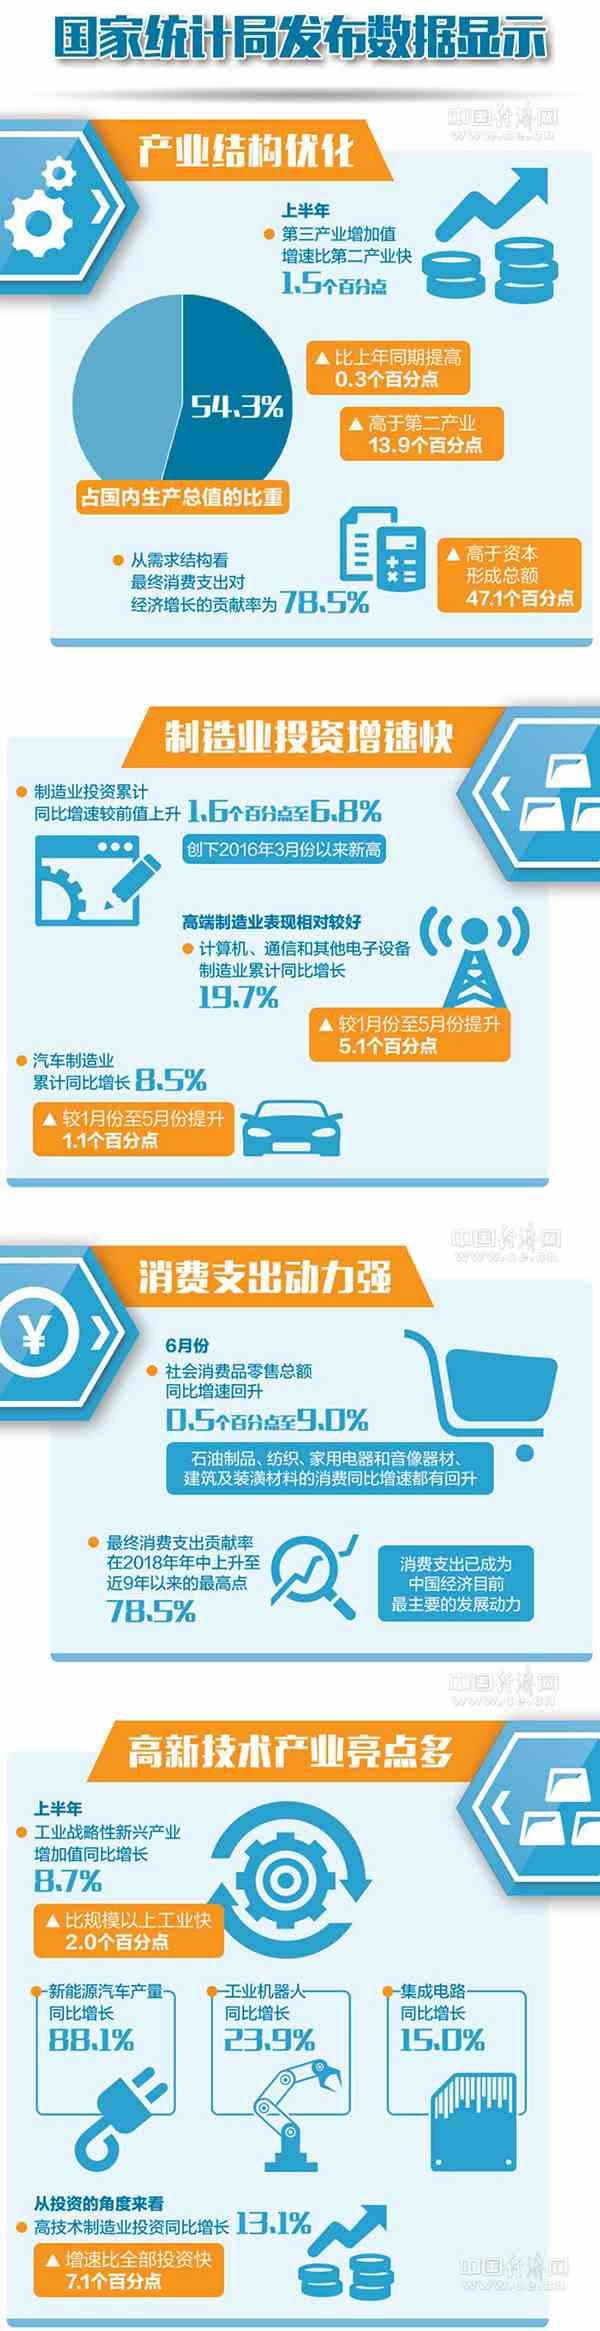 重庆时时彩手机app:一图读懂2018上半年主要经济指标